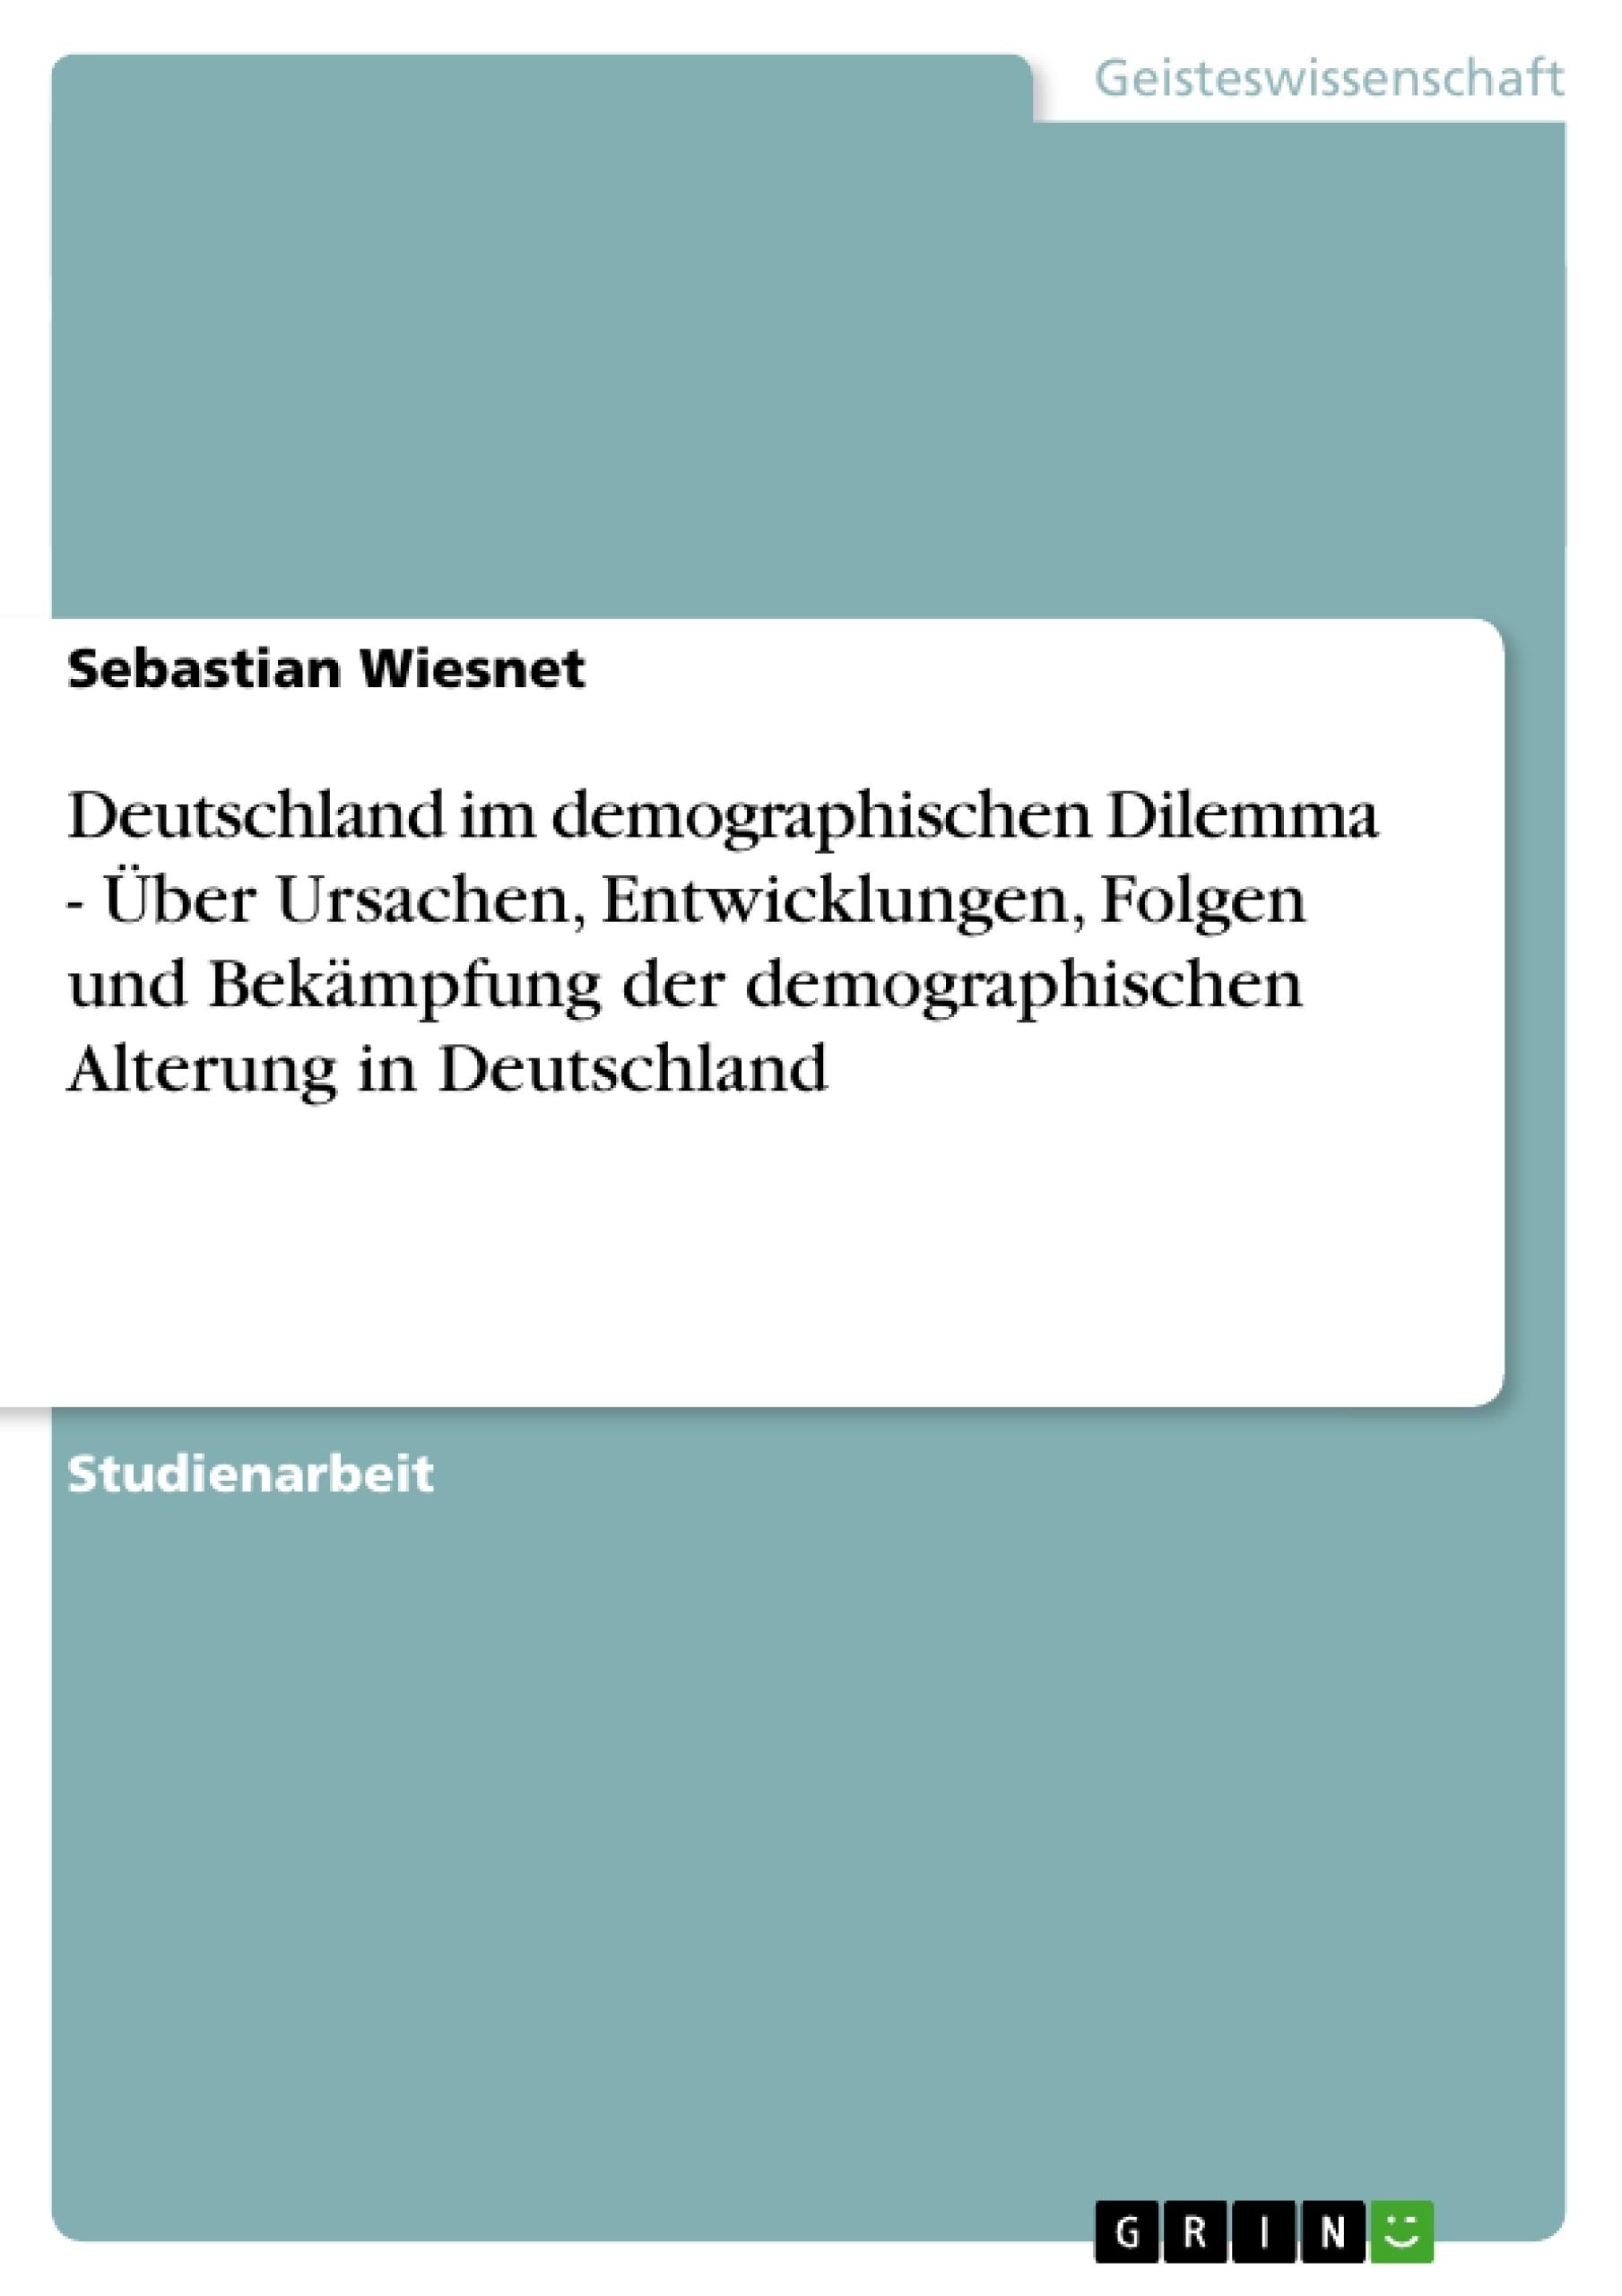 Titel: Deutschland im demographischen Dilemma - Über Ursachen, Entwicklungen, Folgen und Bekämpfung der demographischen Alterung in Deutschland